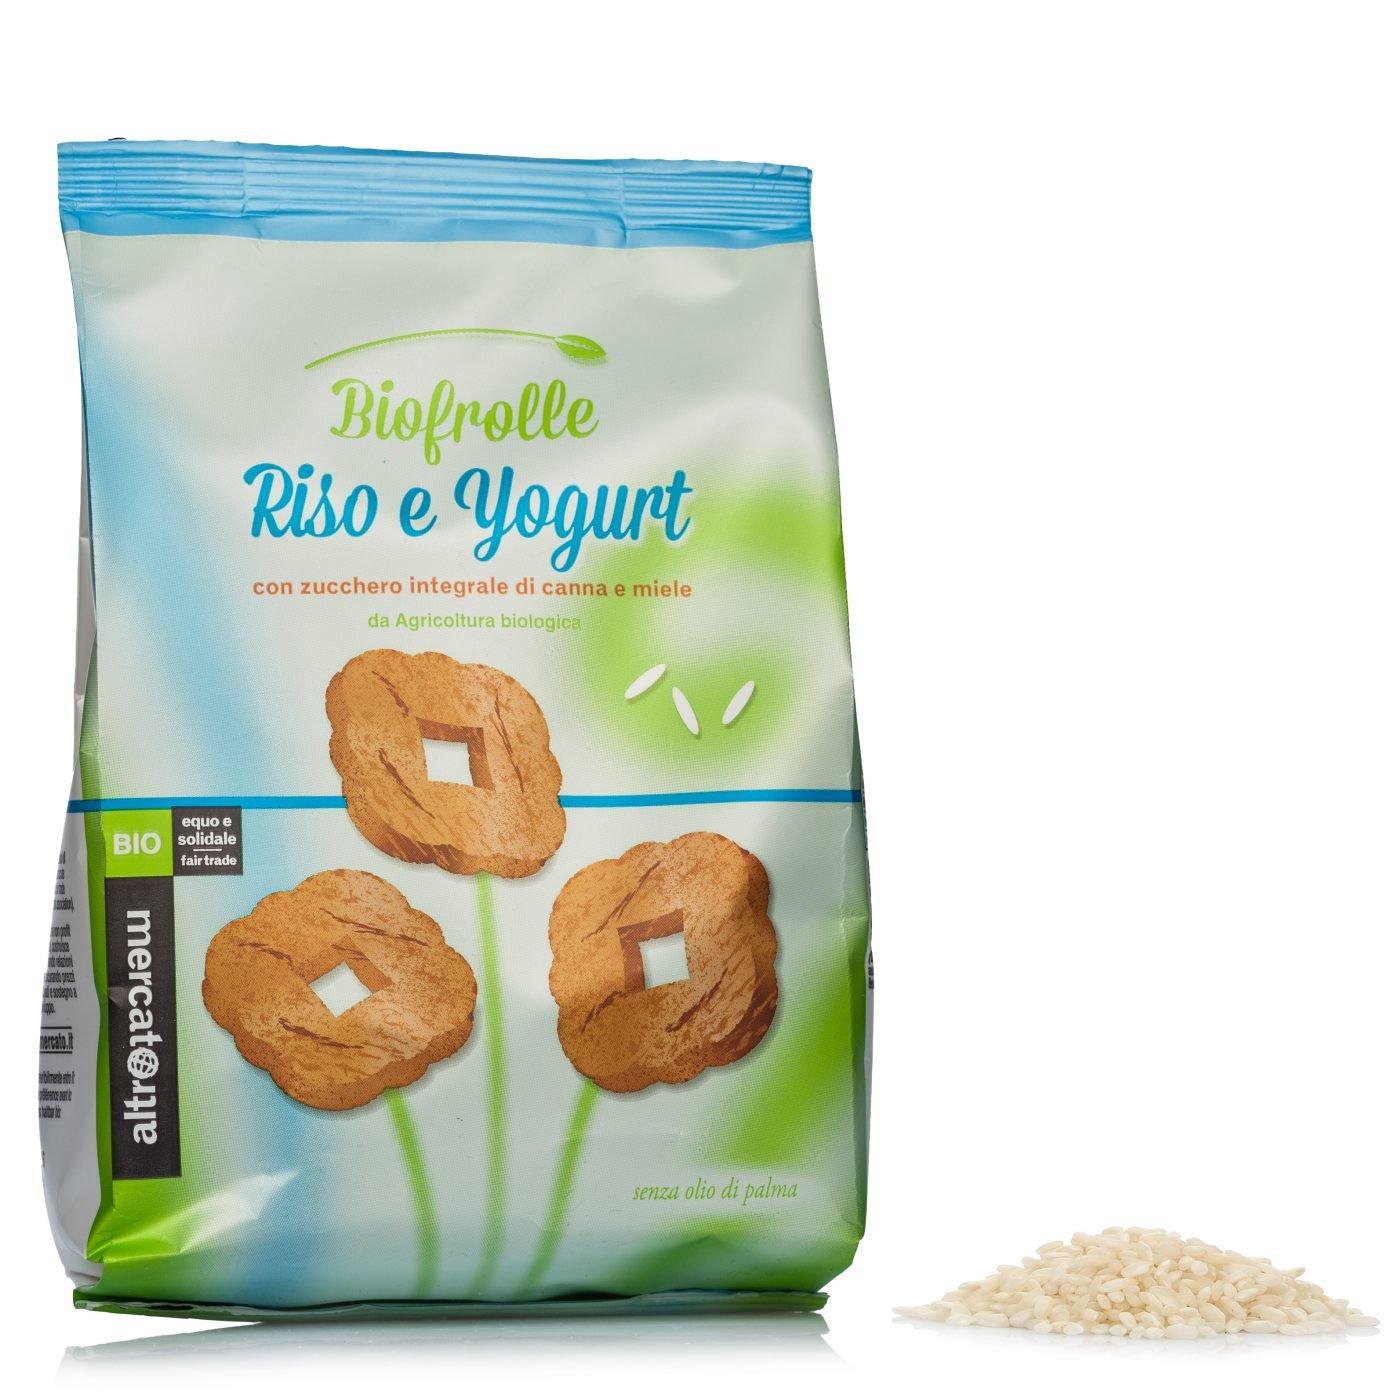 Risultati immagini per biofrolle riso e yogurt